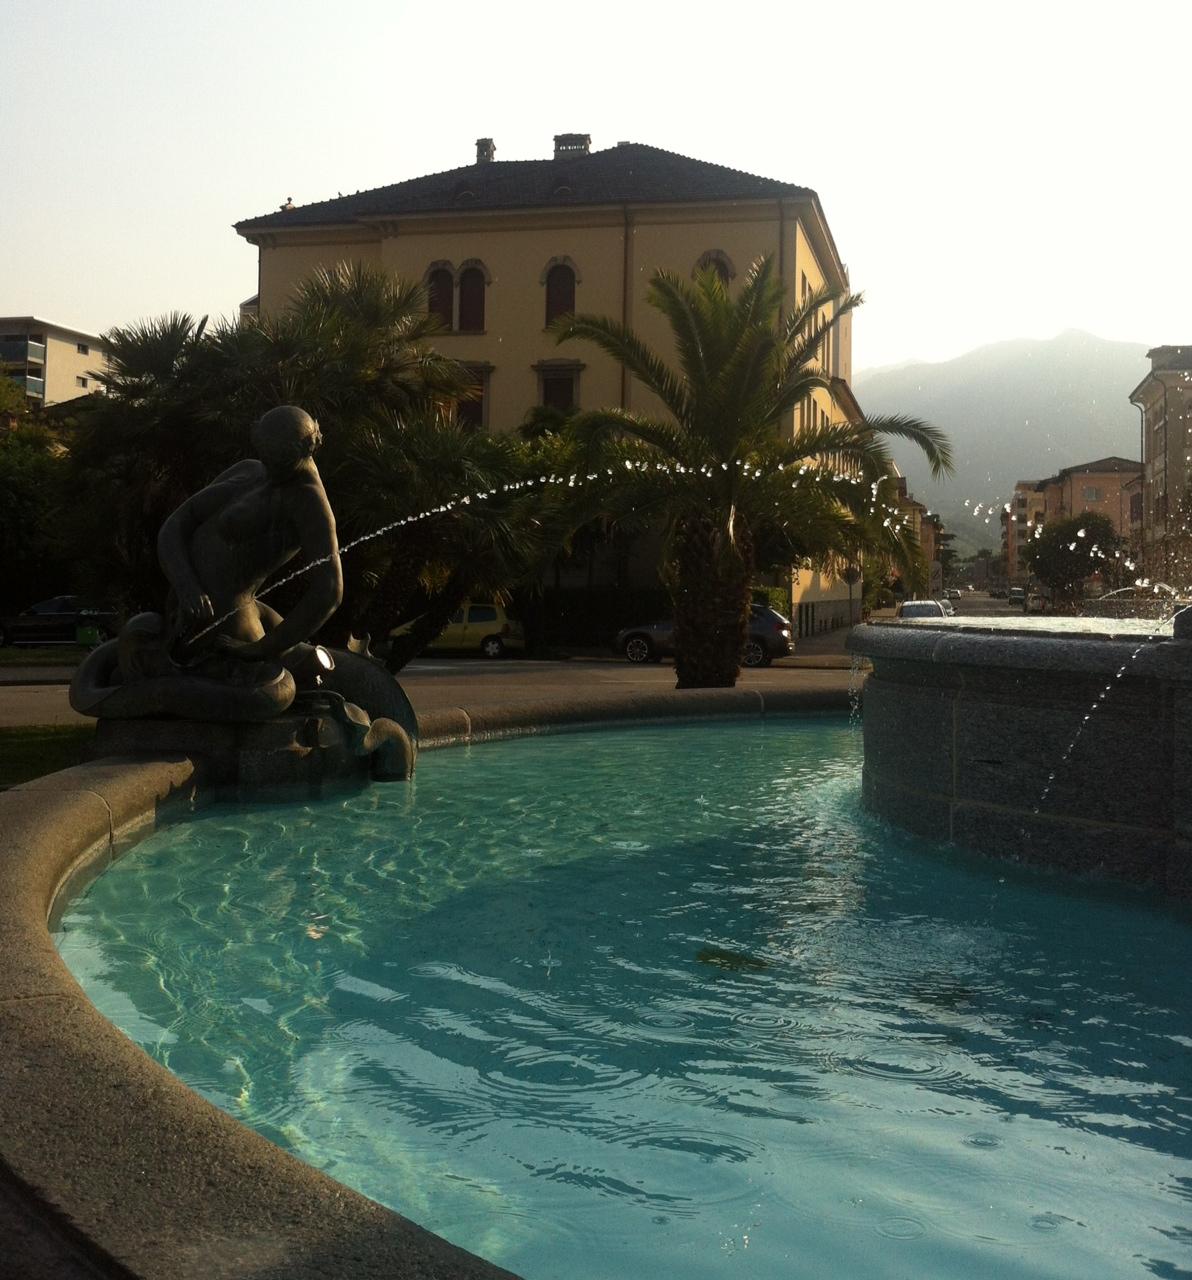 Fountain at Piazza Giovanni Pedrazzini, Locarno